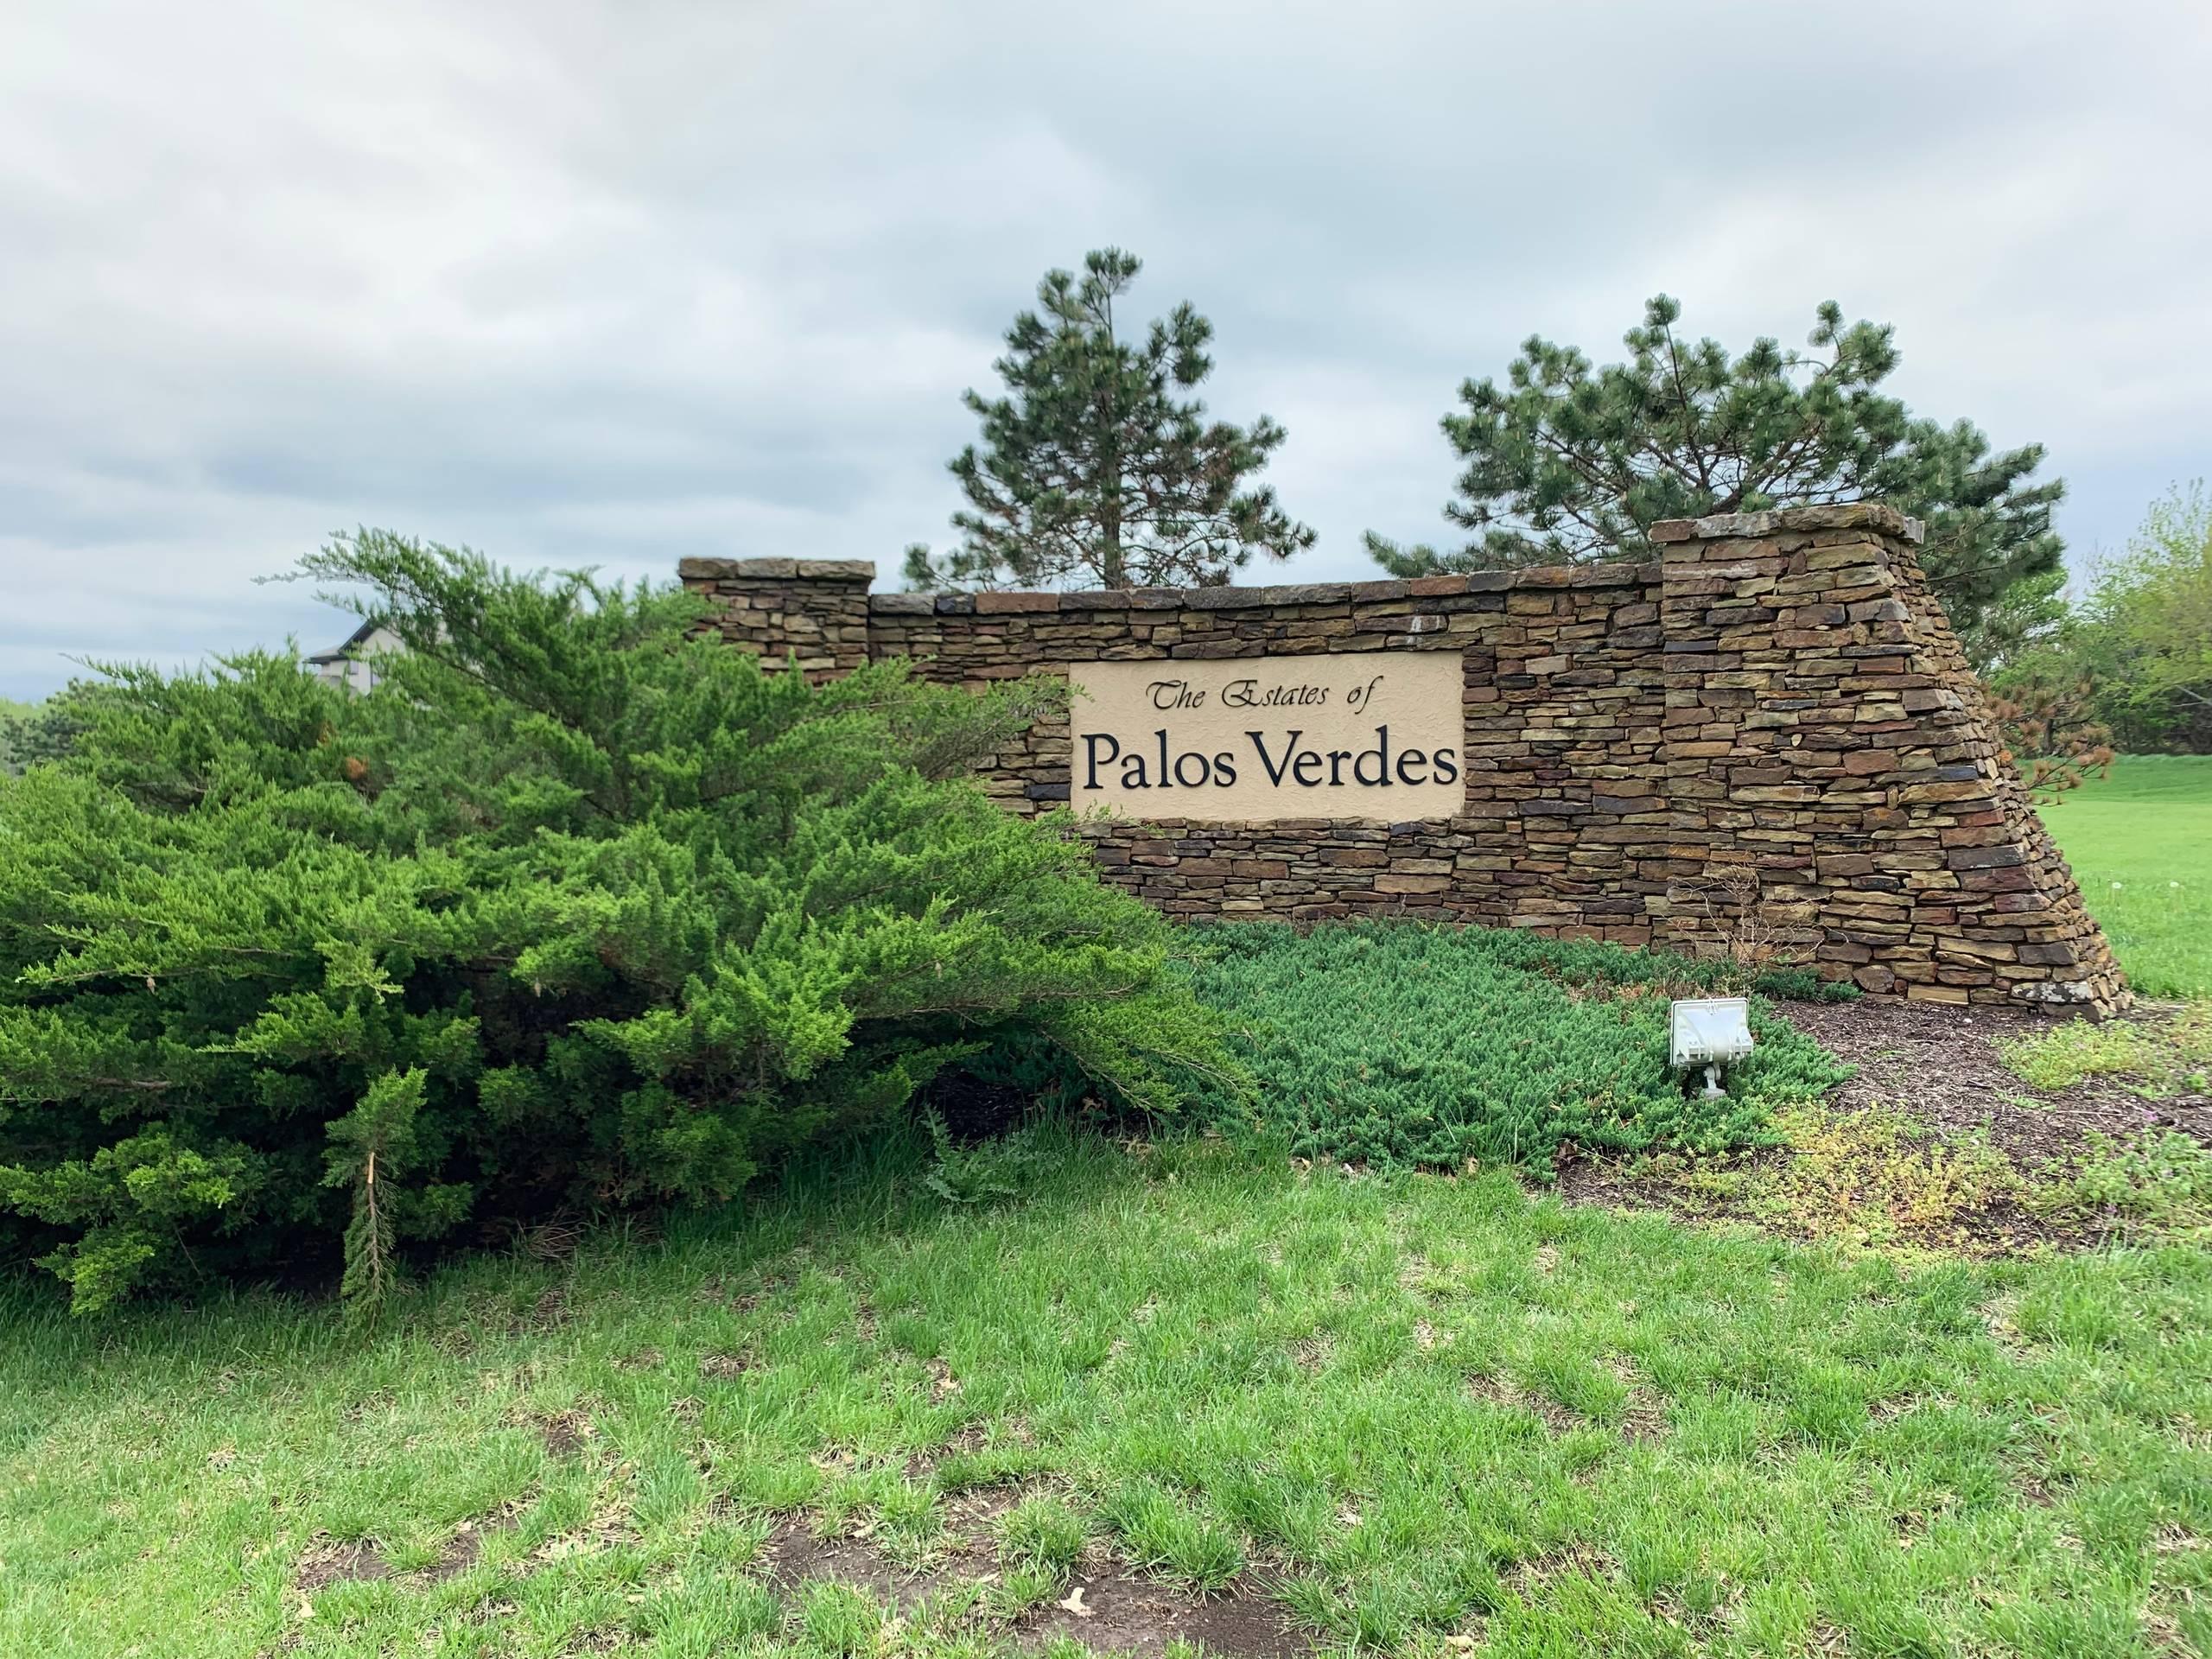 The Estates of Palos Verdes Development